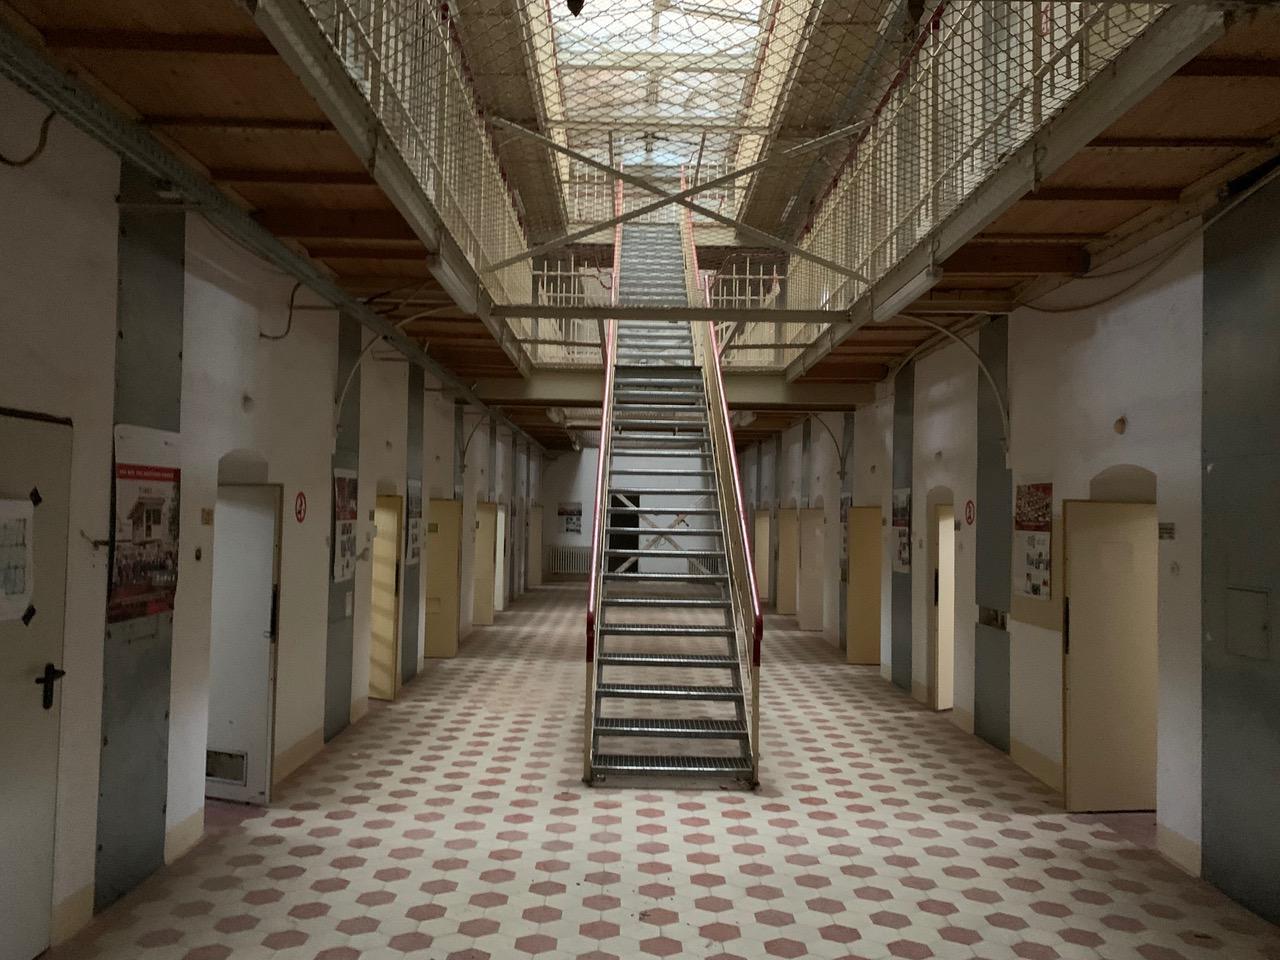 Gedenkort Kaßberg Gefängnis – Umnutzung des ehemaligen Gefängnisses in einen Gedenkort – Einreichung des Bauantrages